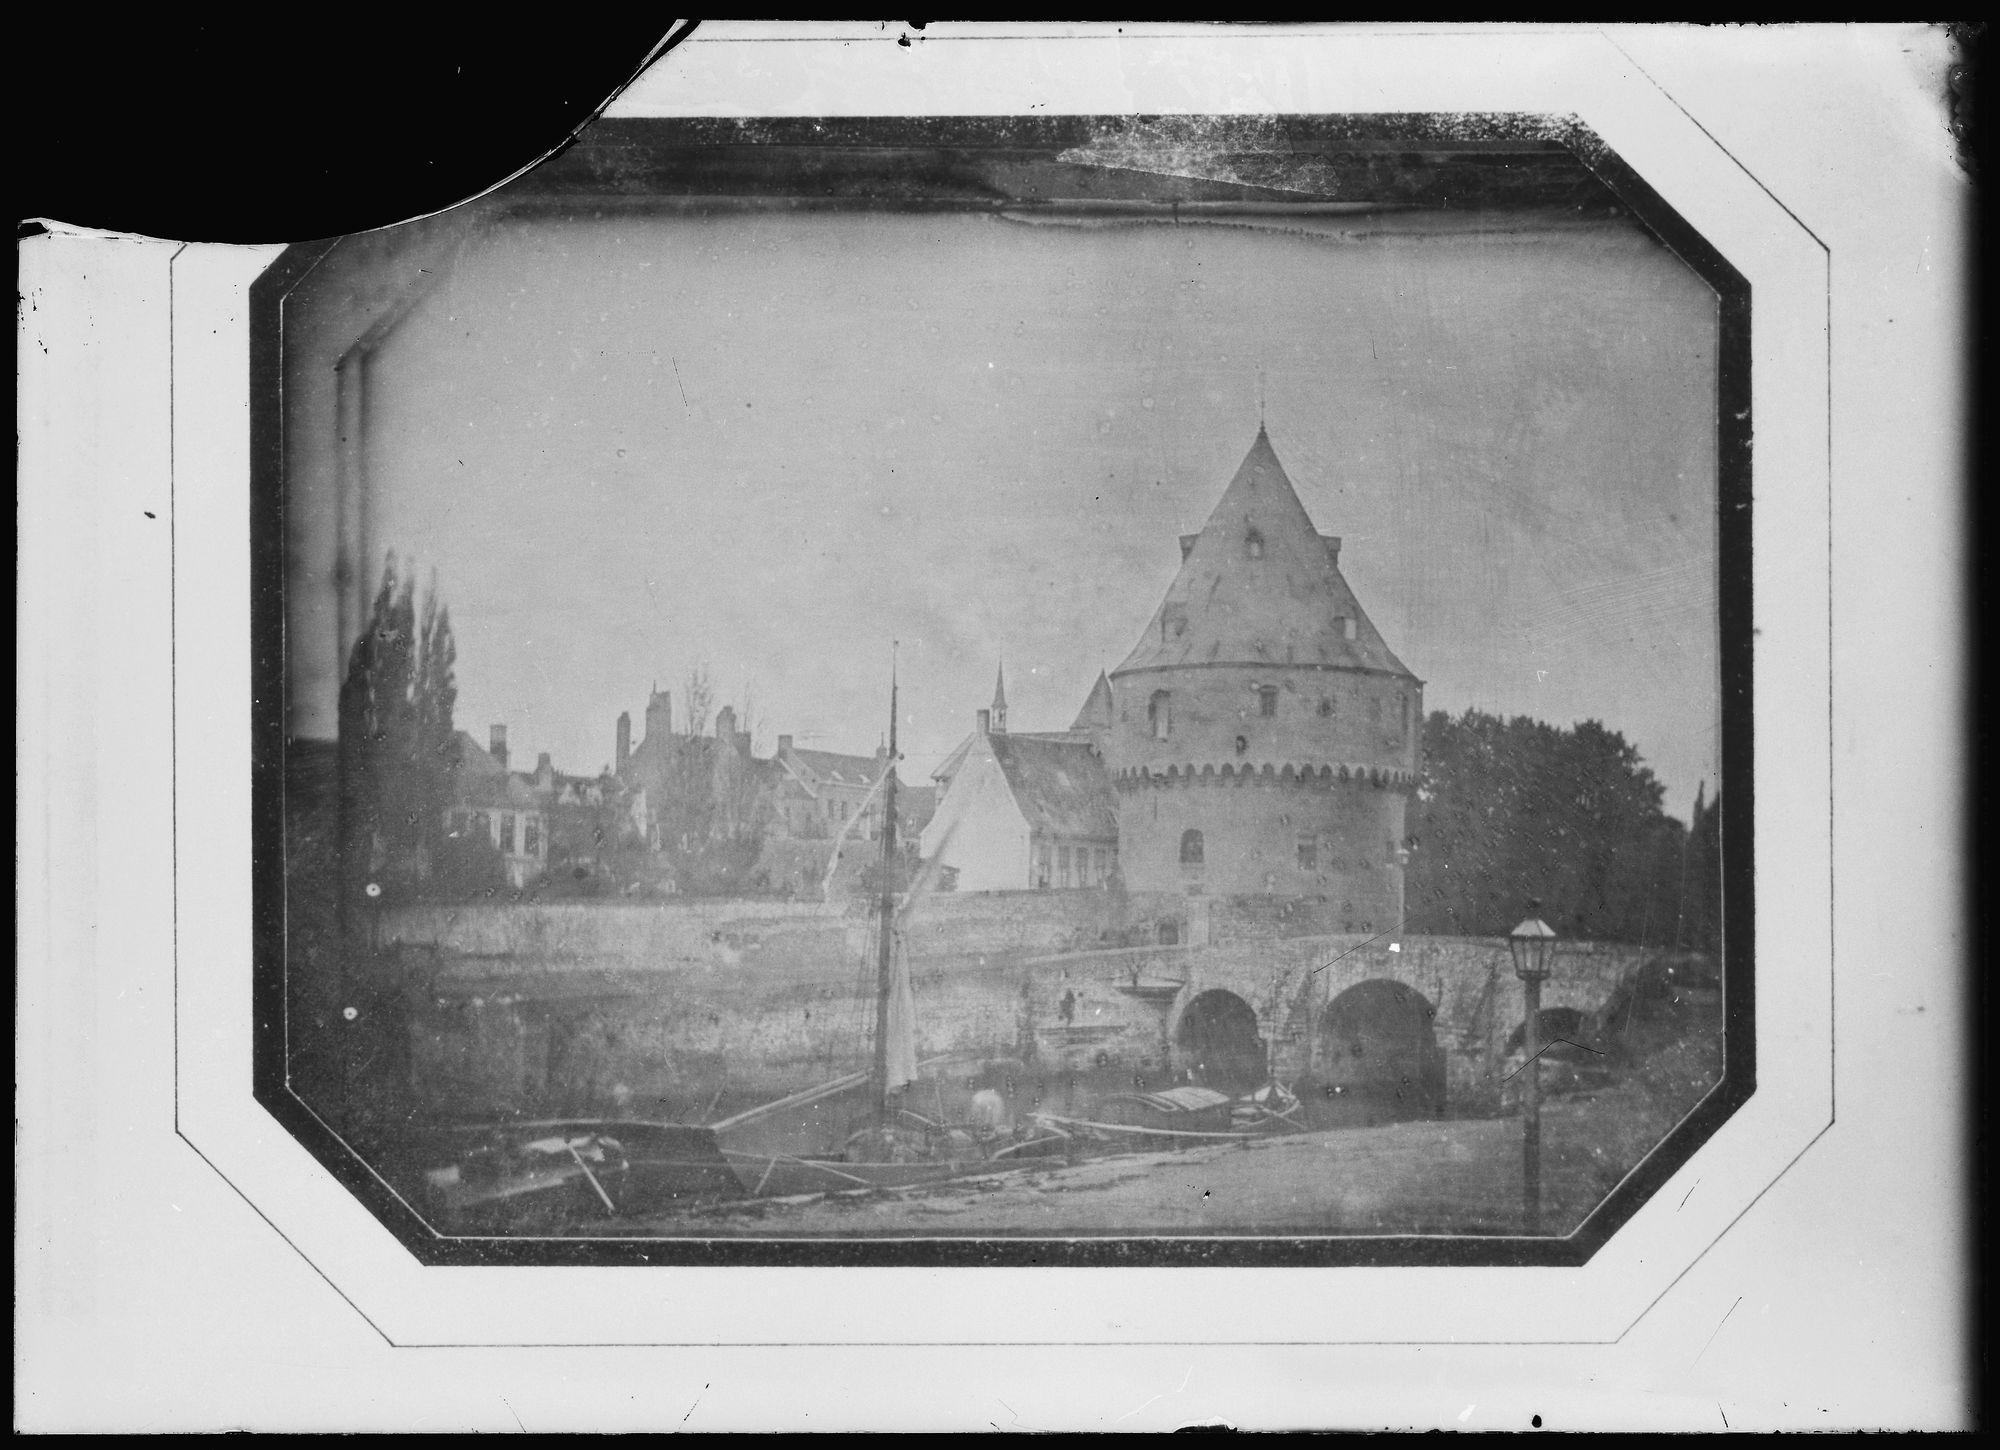 Broelbrug en Broeltoren in 1845